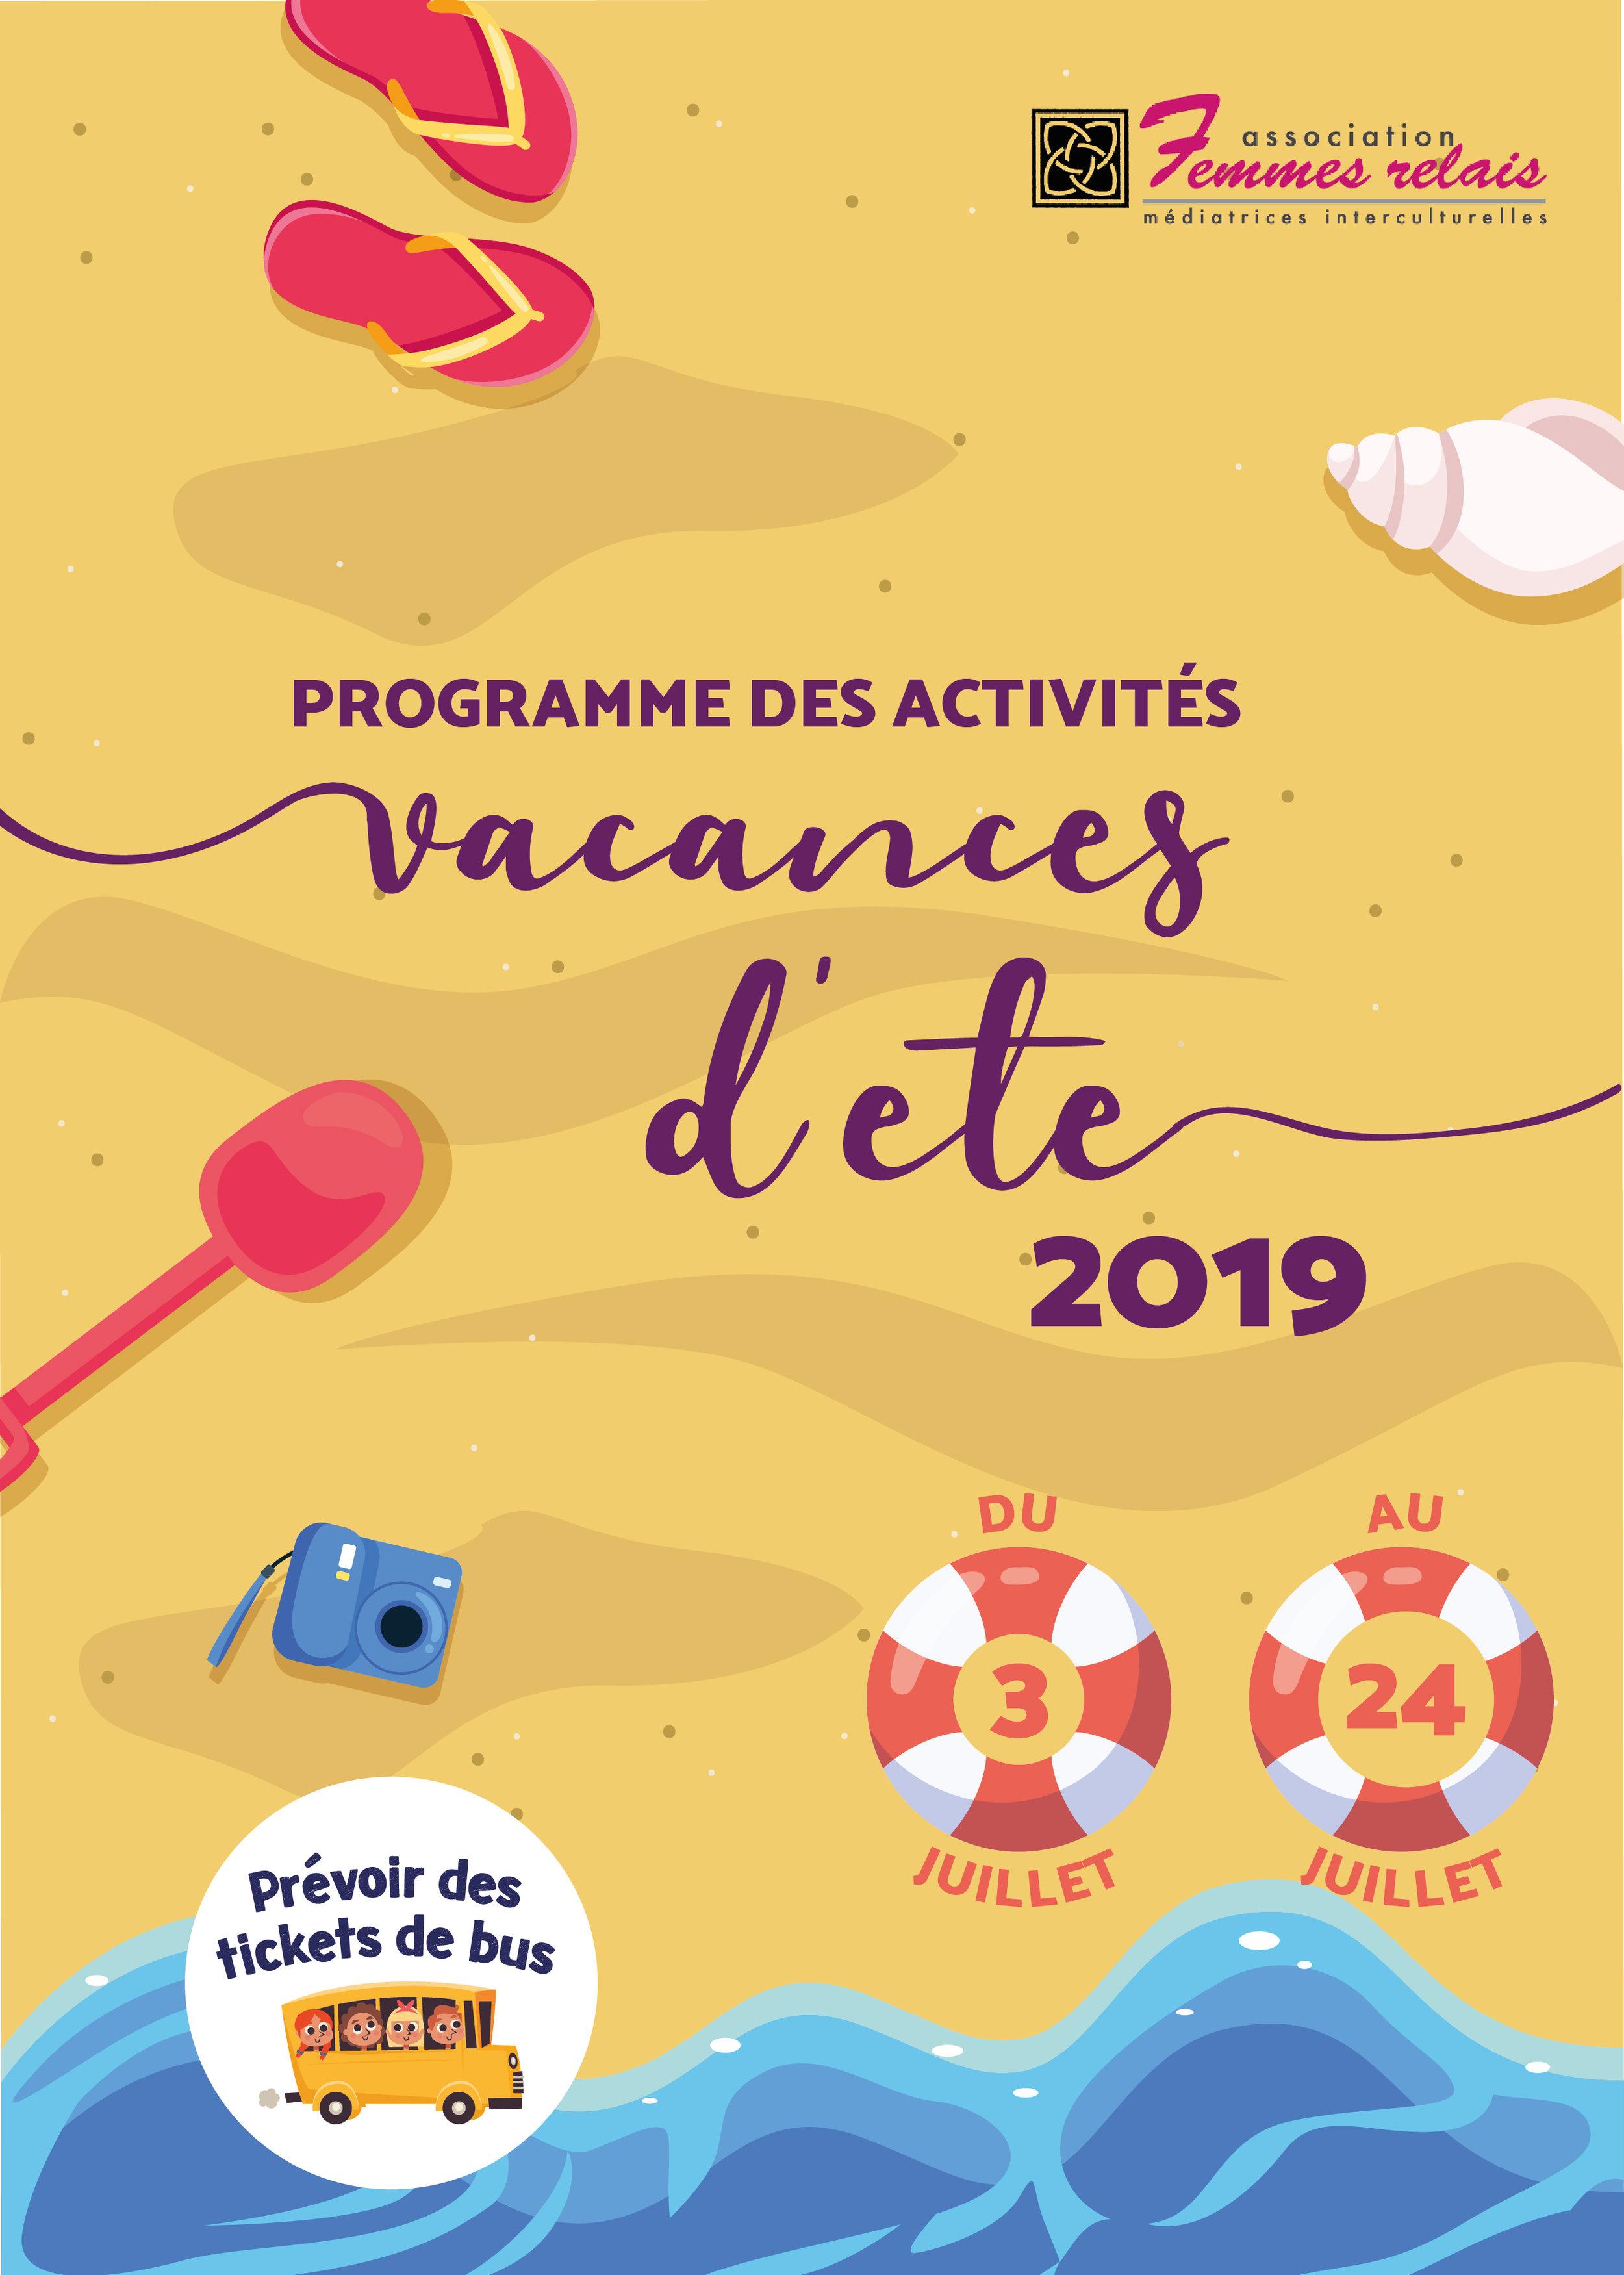 Le programme des vacances d'été 2019 - L'été arrive, et Femmes Relais s'est préparé pour ! Avec le soleil vient le nouveau programme des activités des vacances. Au programme, bateau-mouche, visites au musée, parc Saint-Paul et une journée à la mer !